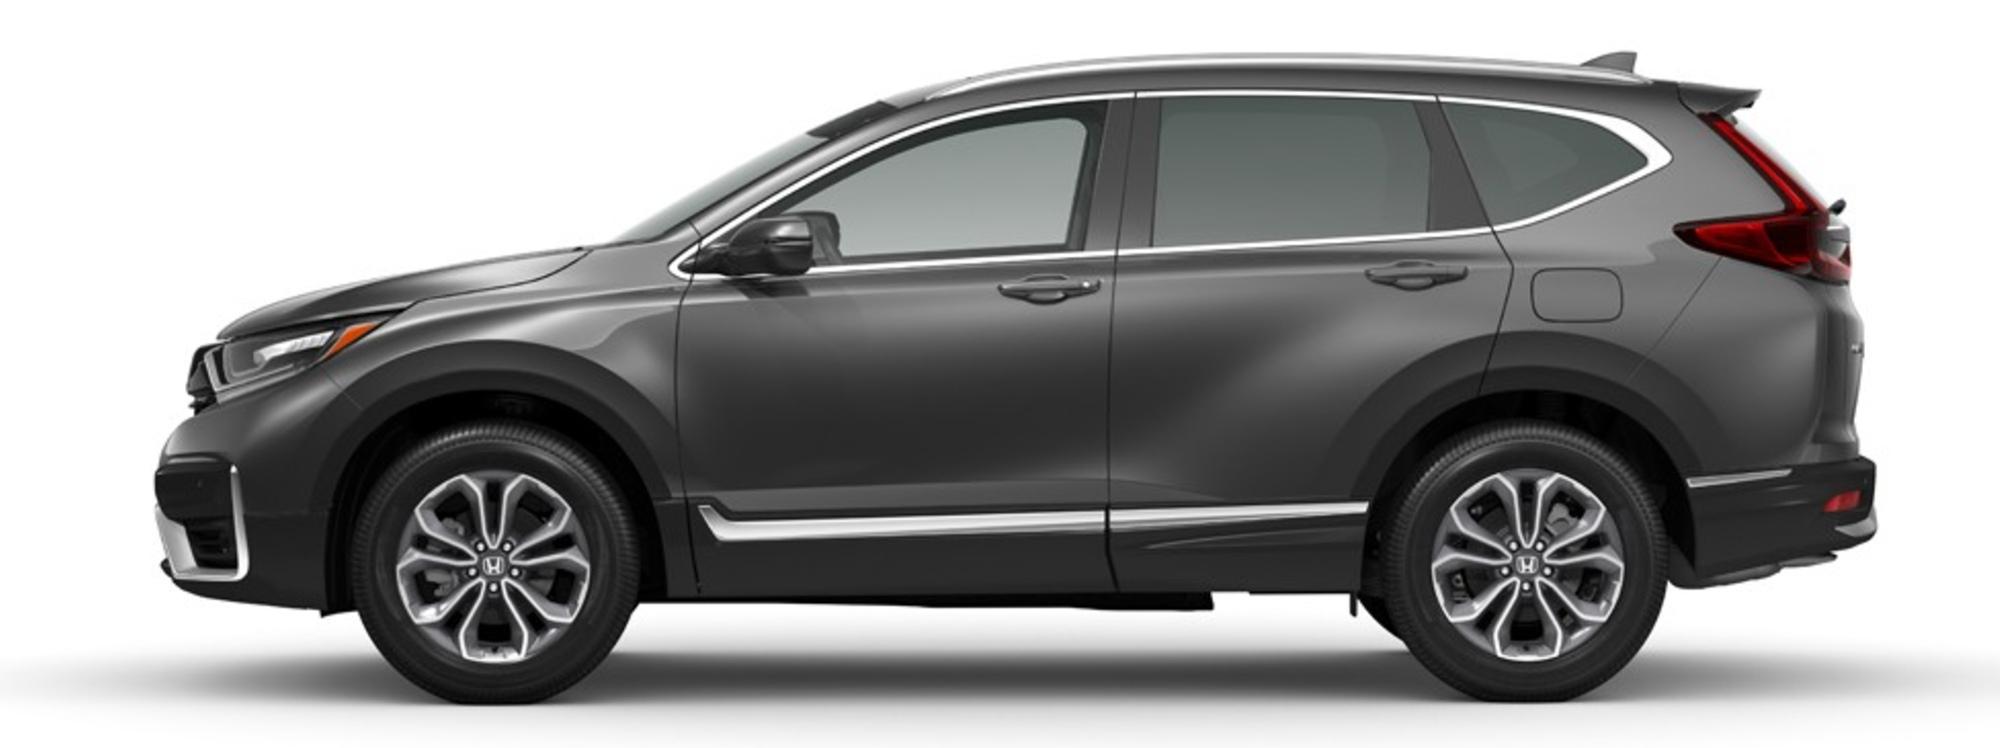 Lanzamiento del nuevo Honda CR-V 2WD